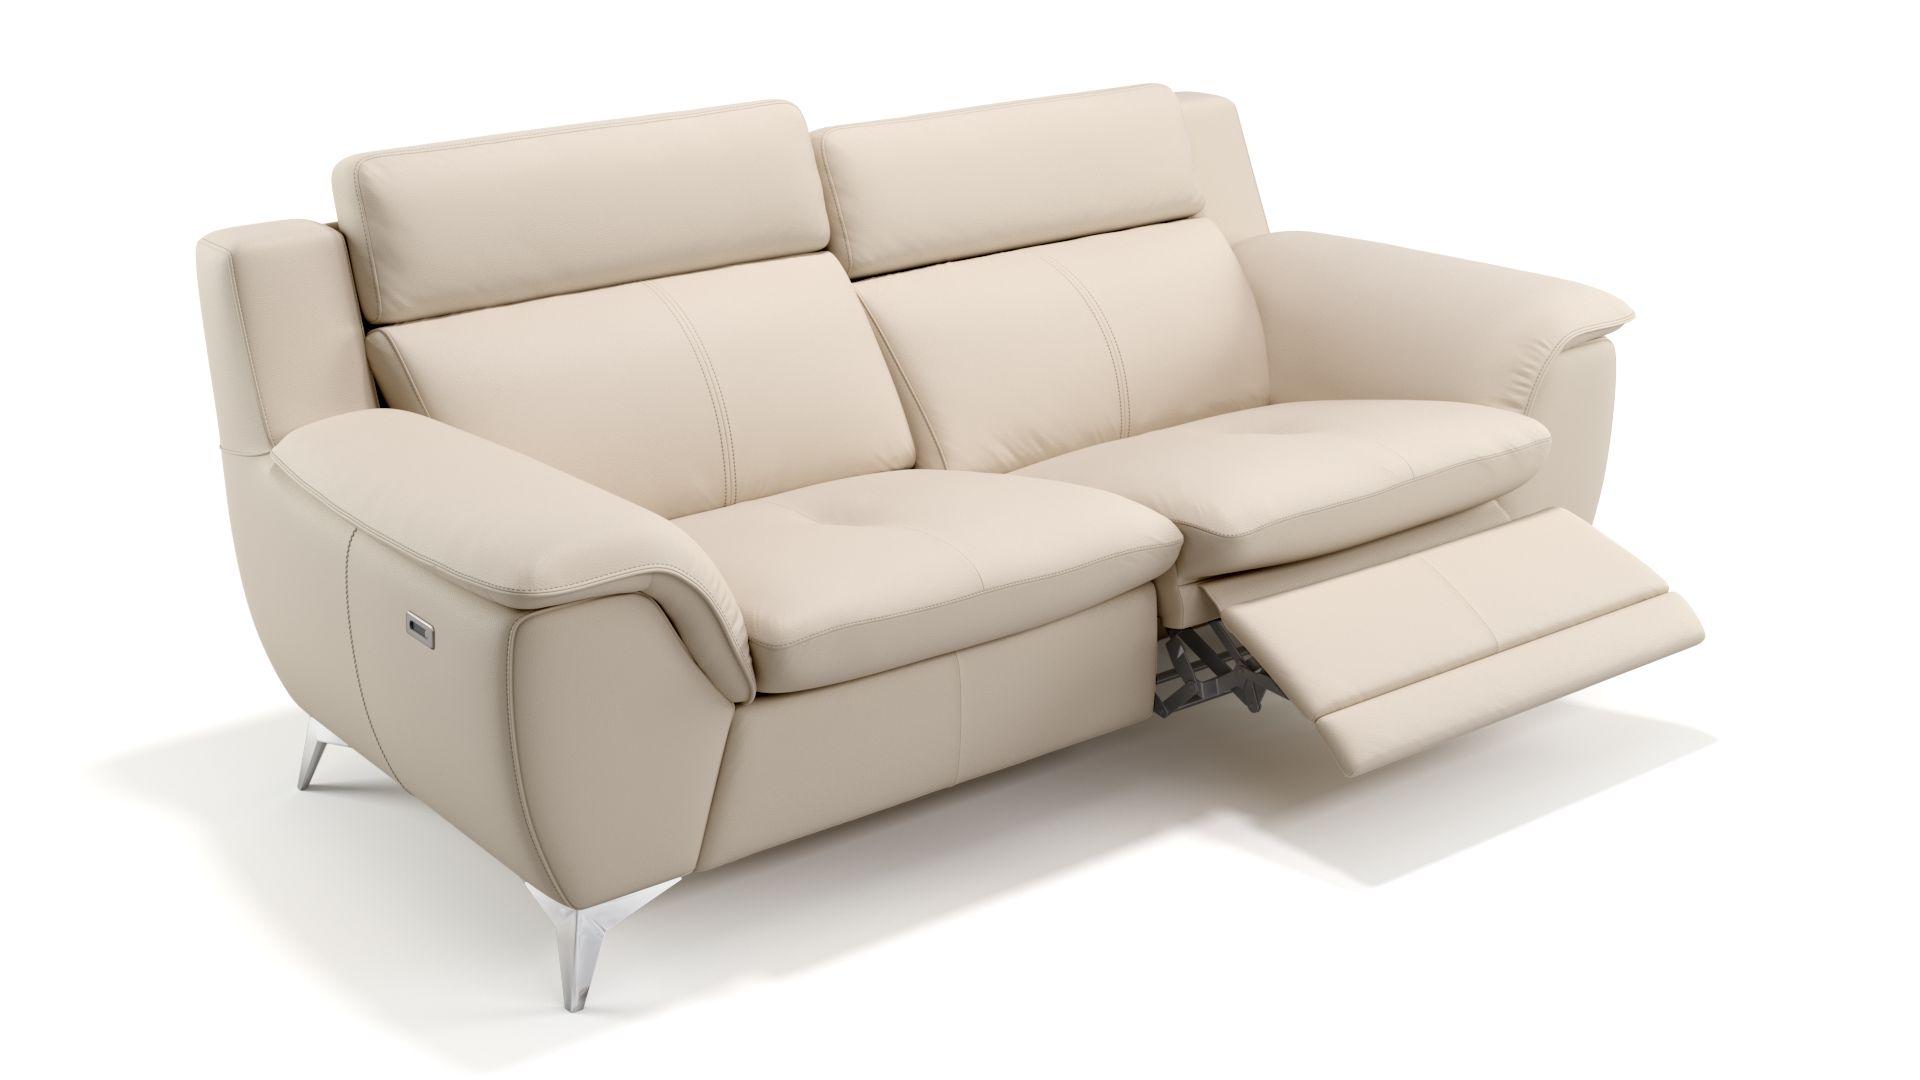 Full Size of Sofa Elektrisch Aufgeladen Ist Statisch Aufgeladen Was Tun Ausfahrbar Leder Elektrische Sitztiefenverstellung Microfaser Geladen Durch Mit Elektrischer Sofa Sofa Elektrisch